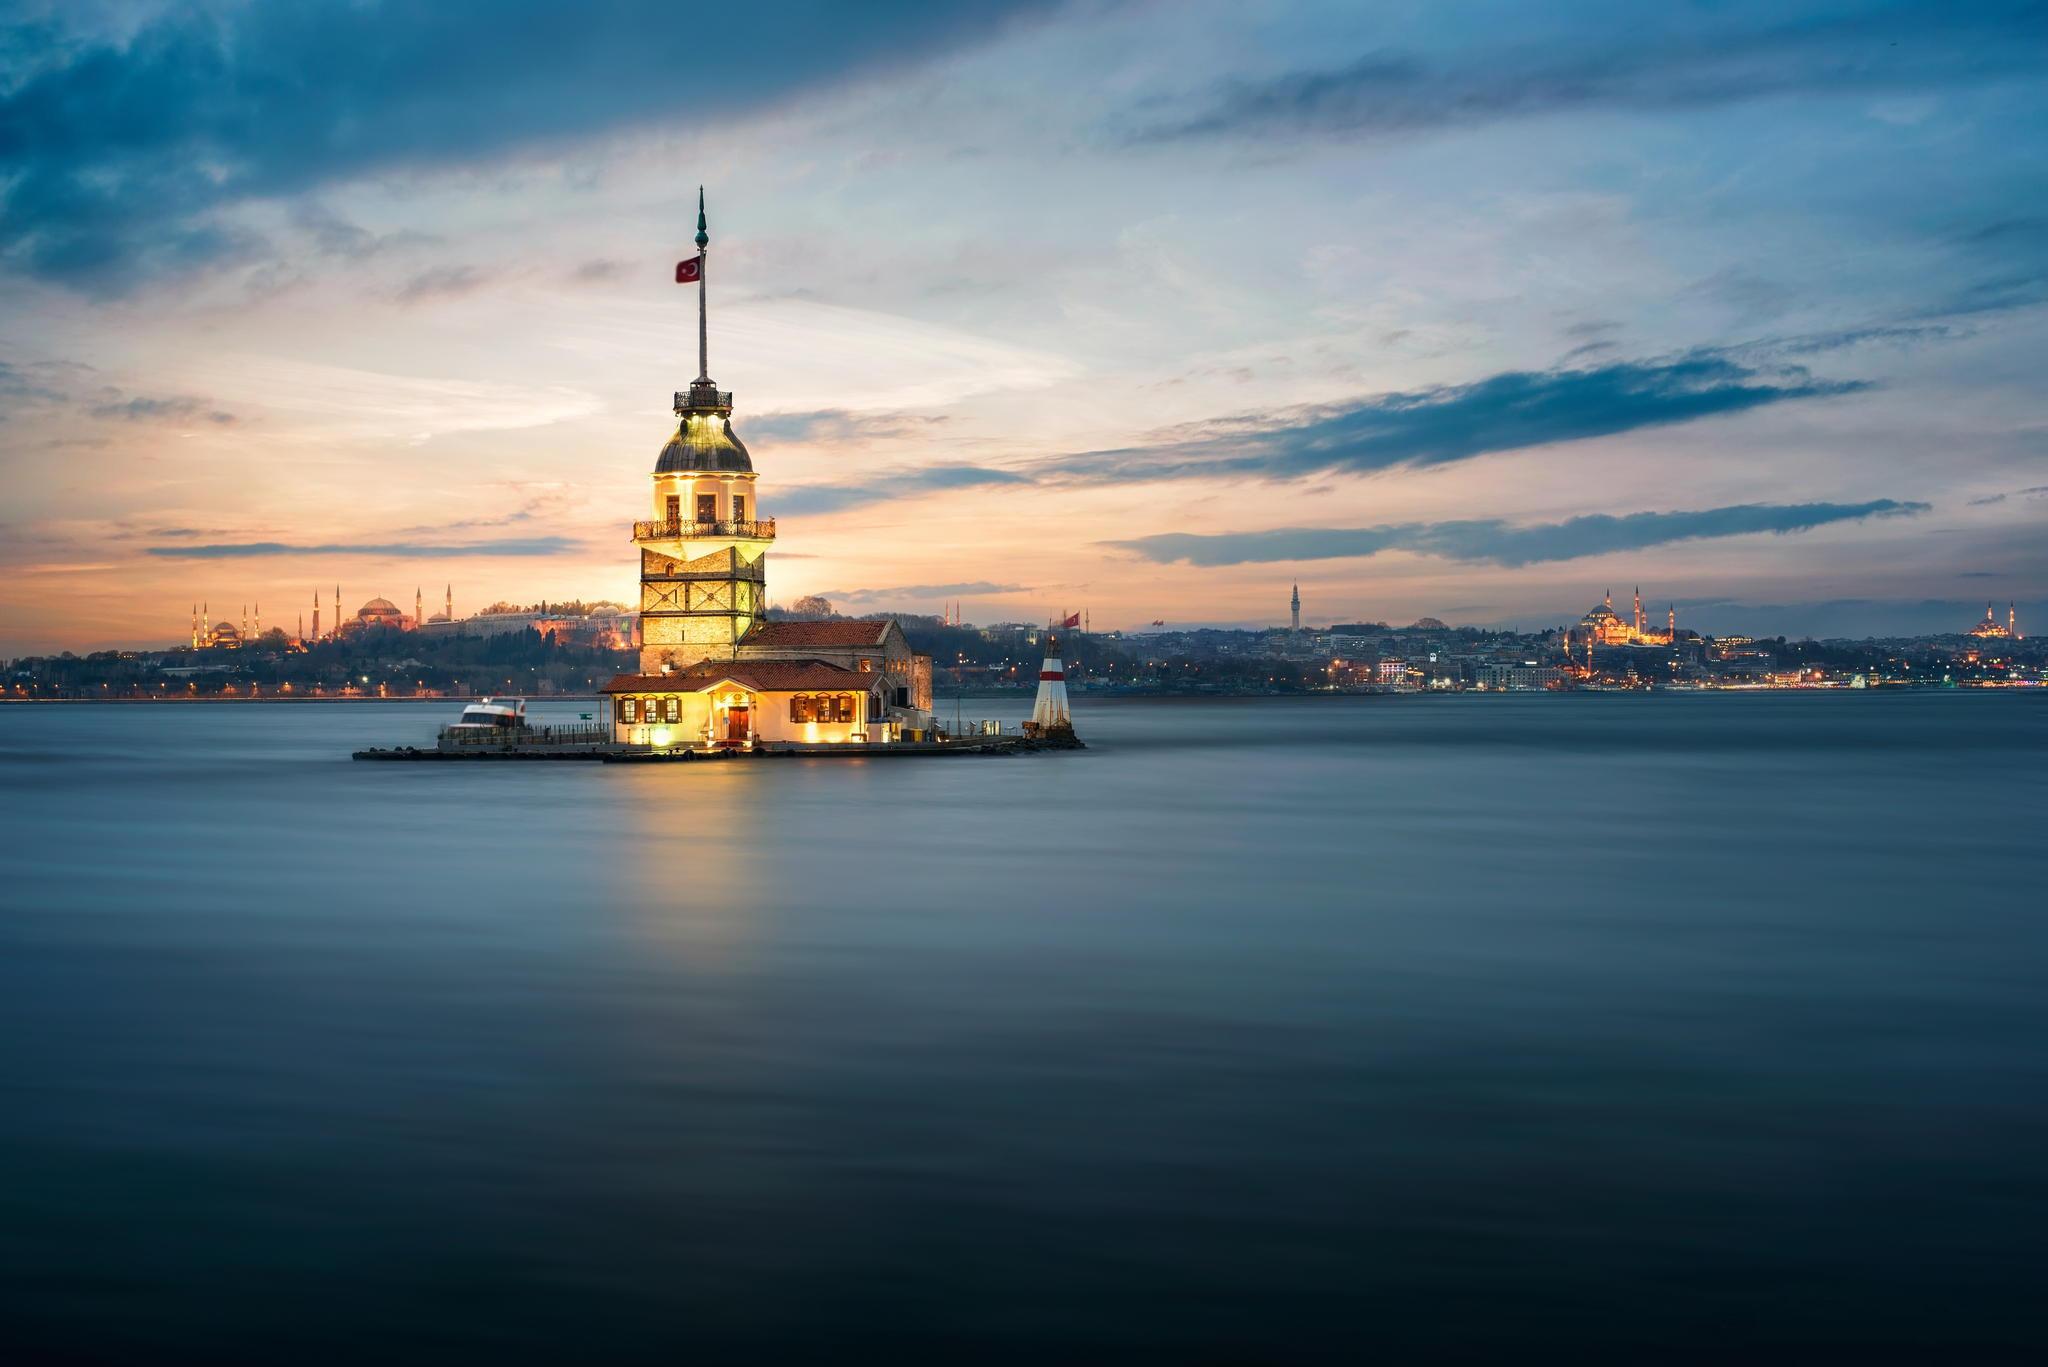 Turkey HD Wallpaper - WallpaperSafari